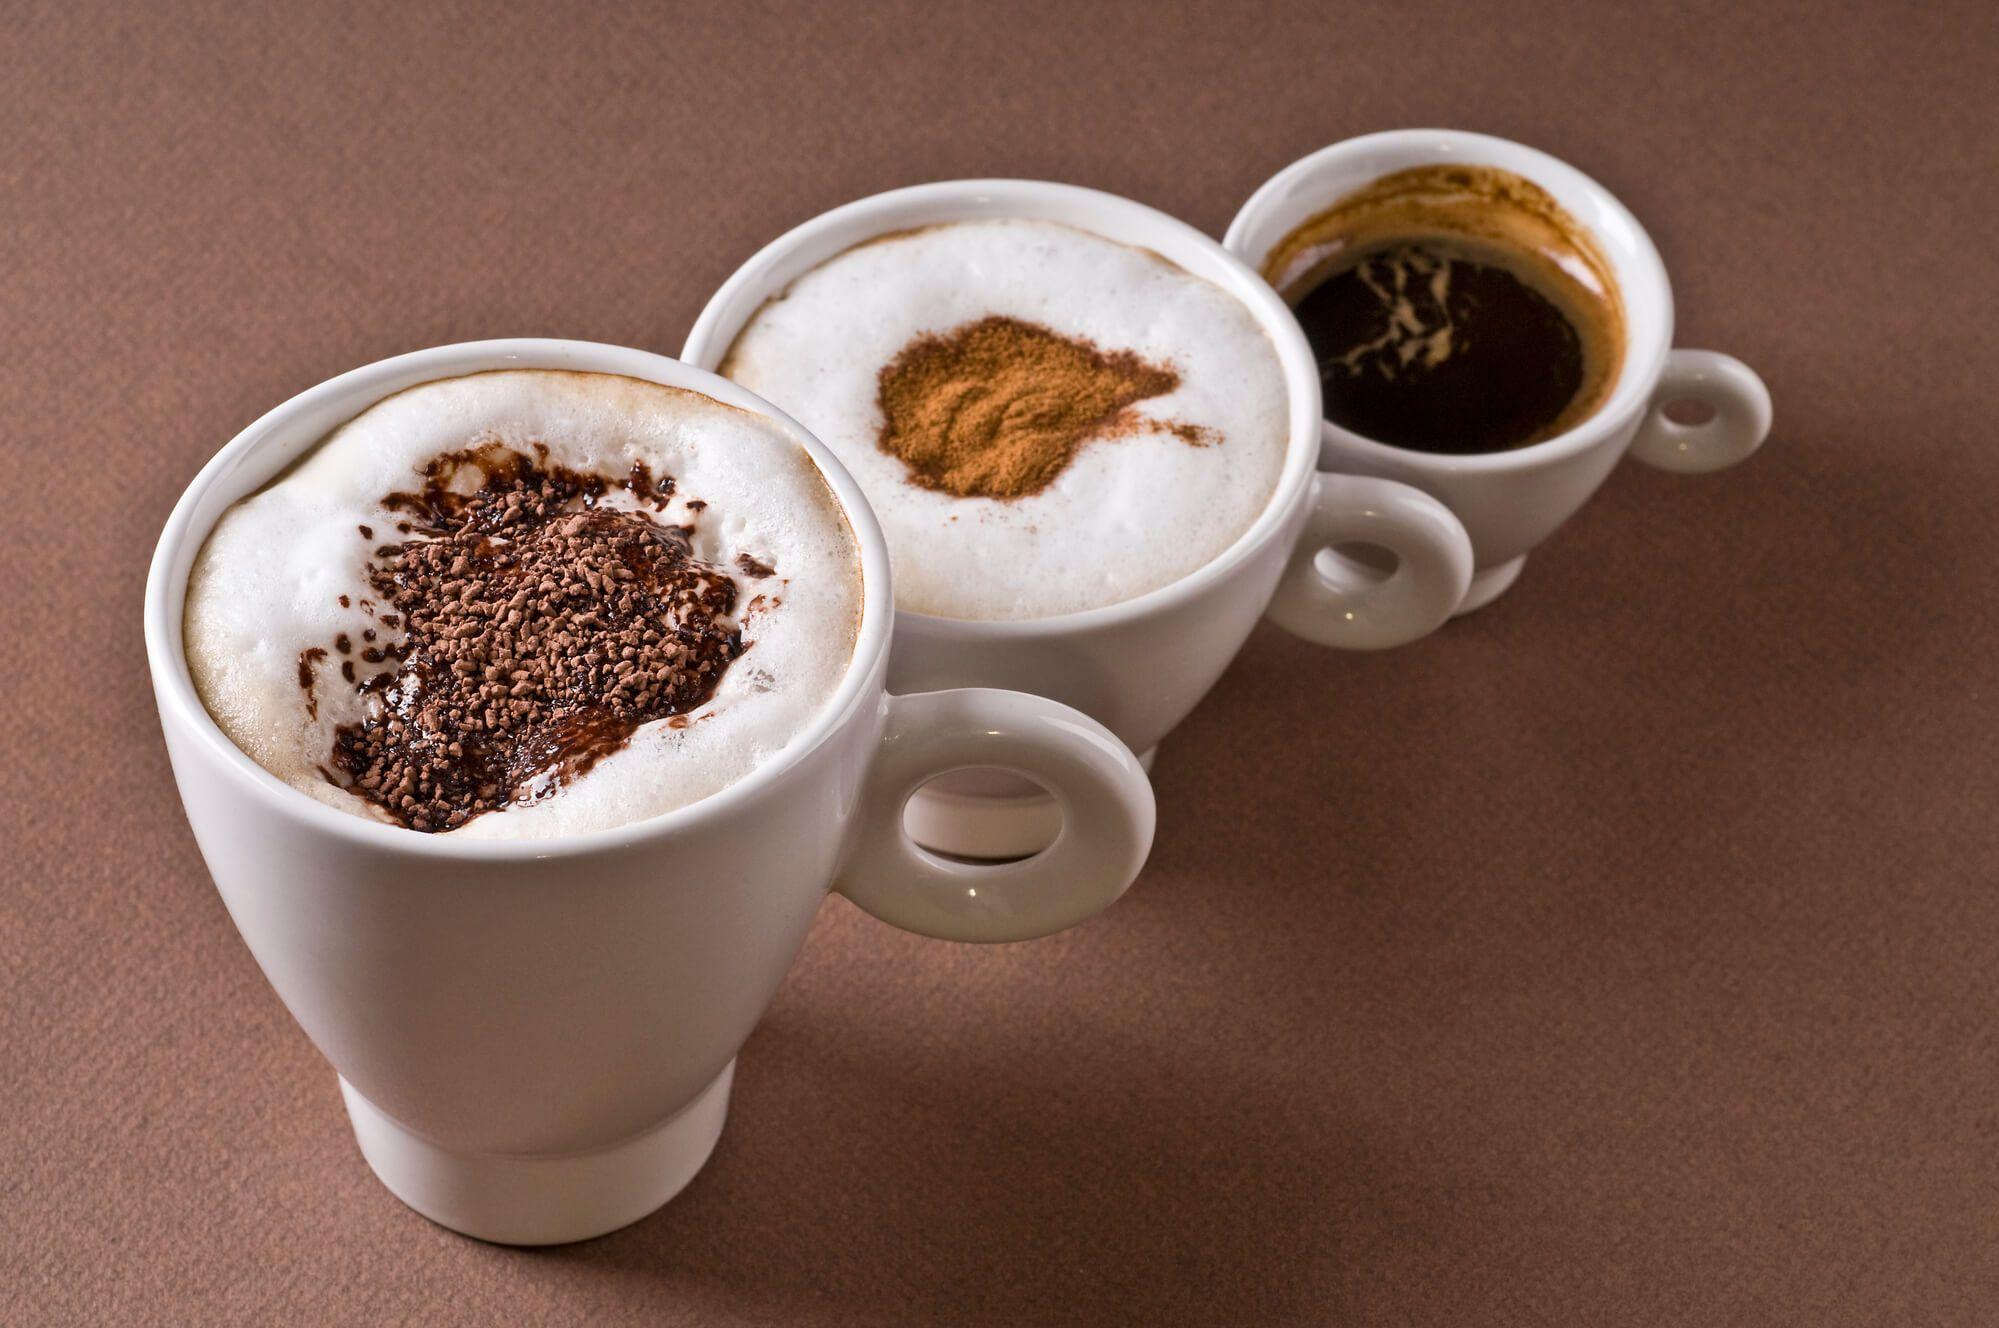 Кофеманов разделили на три группы